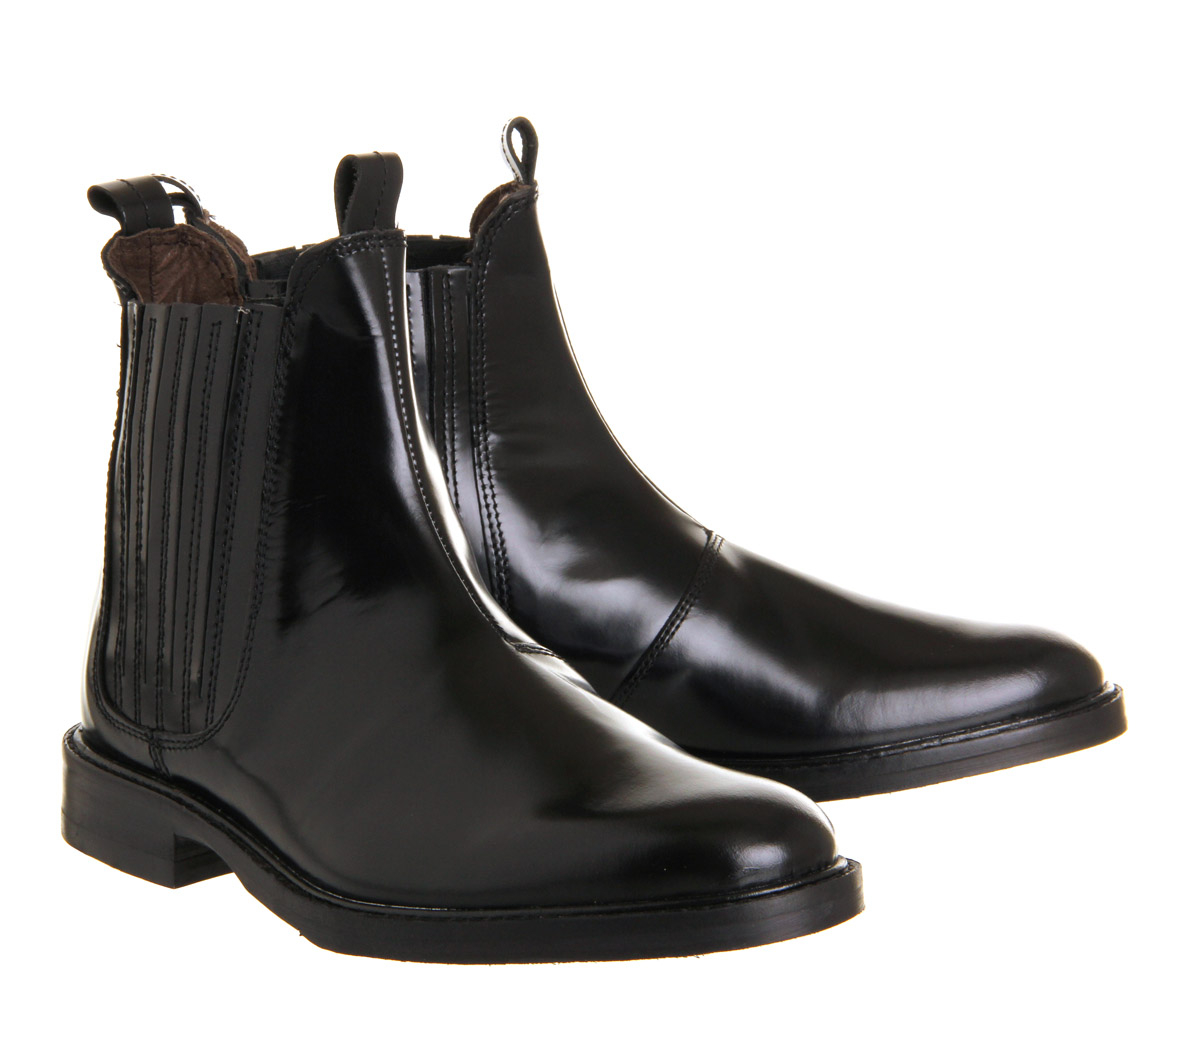 h by hudson tafler chelsea boot in black lyst. Black Bedroom Furniture Sets. Home Design Ideas